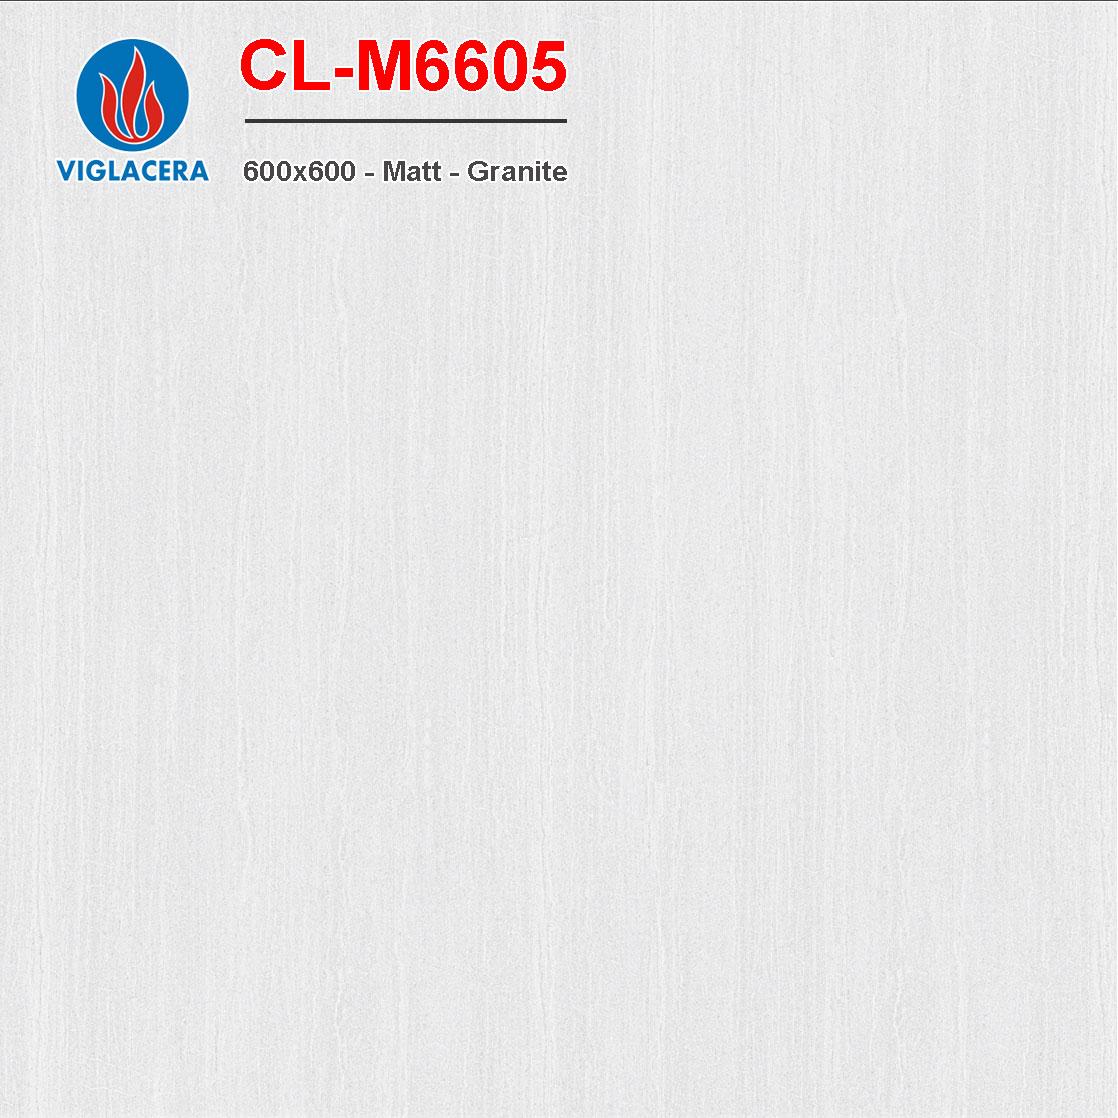 Gạch lát nền 600x600 Viglacera CL M6605 giá rẻ